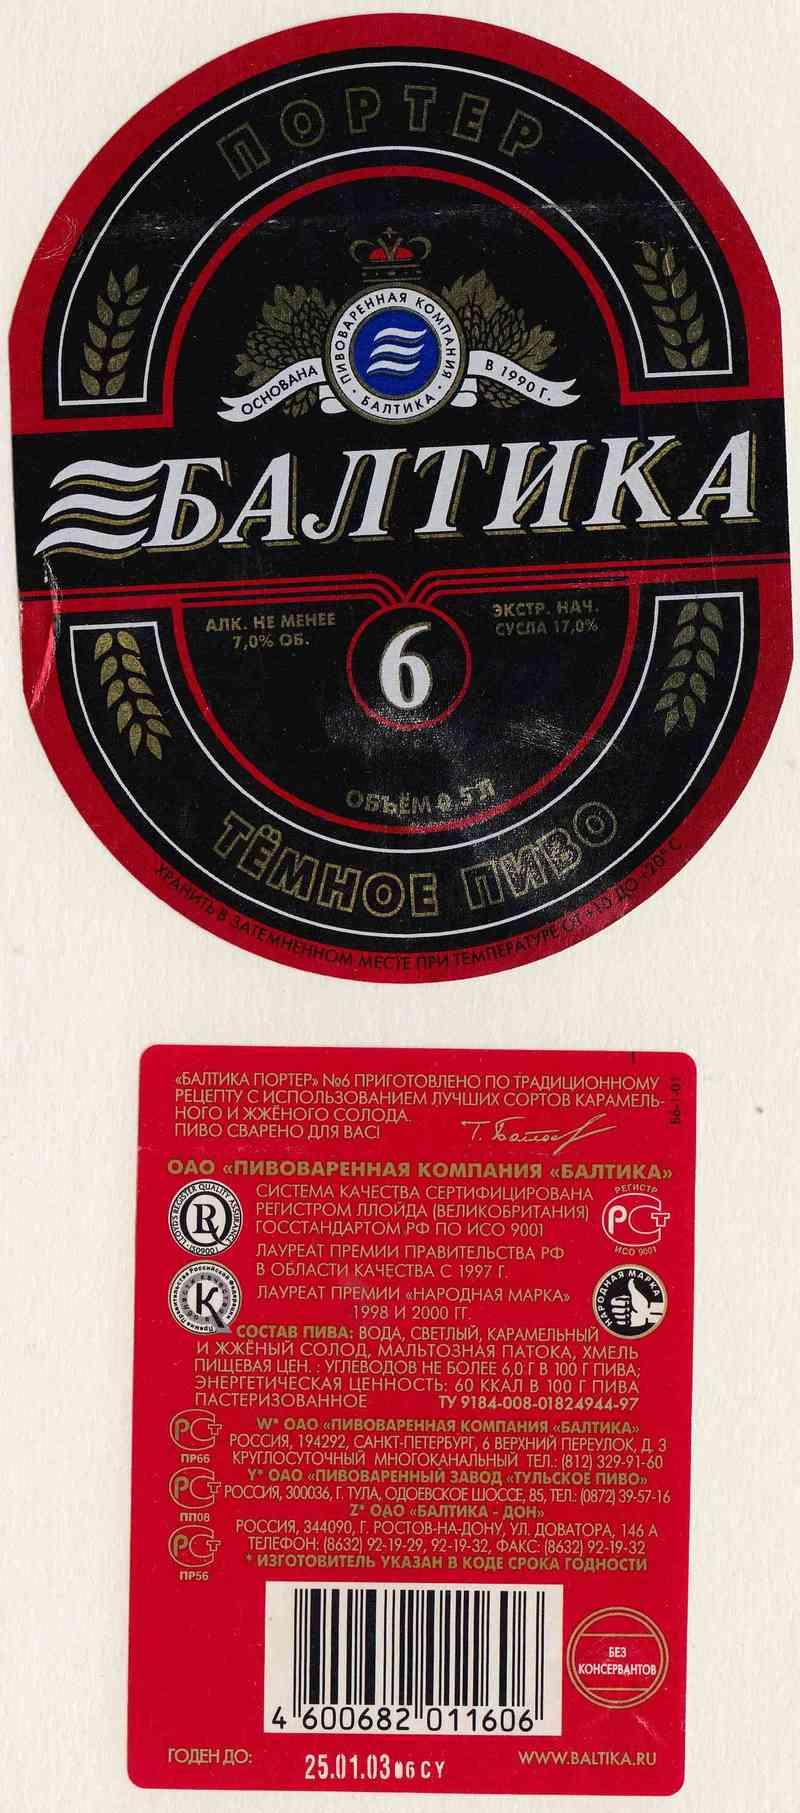 Пиво балтика 9 отзывы. отрицательные и положительные отзывы. ощущения при употреблении